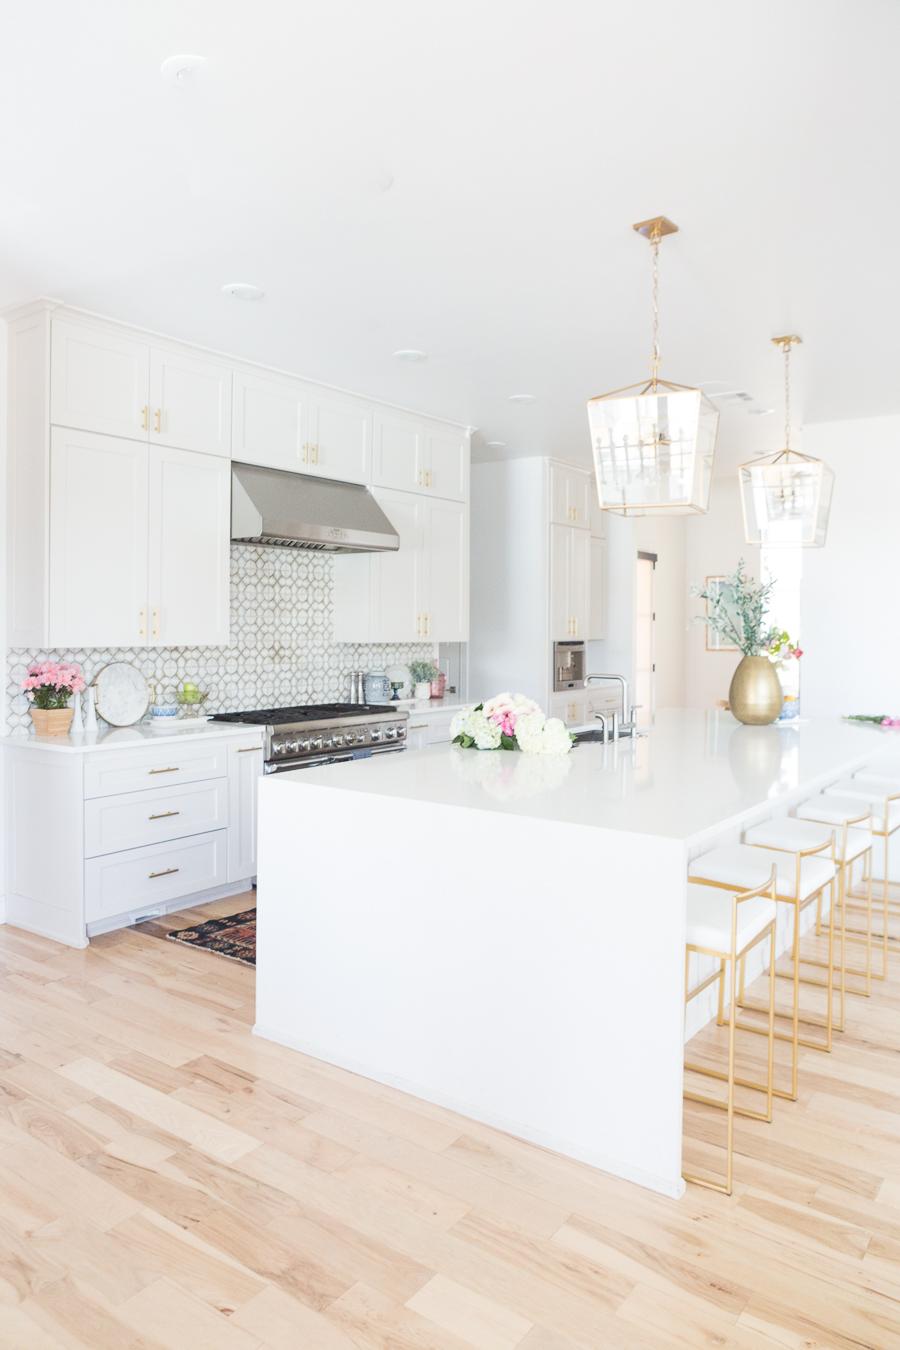 Affordable Ceramic Patterned Tile Backsplash affordable modern gold bar stools white kitchen with gold hardware design ideas patterned tile backsplash kitchen gold kitchen lantern lighting